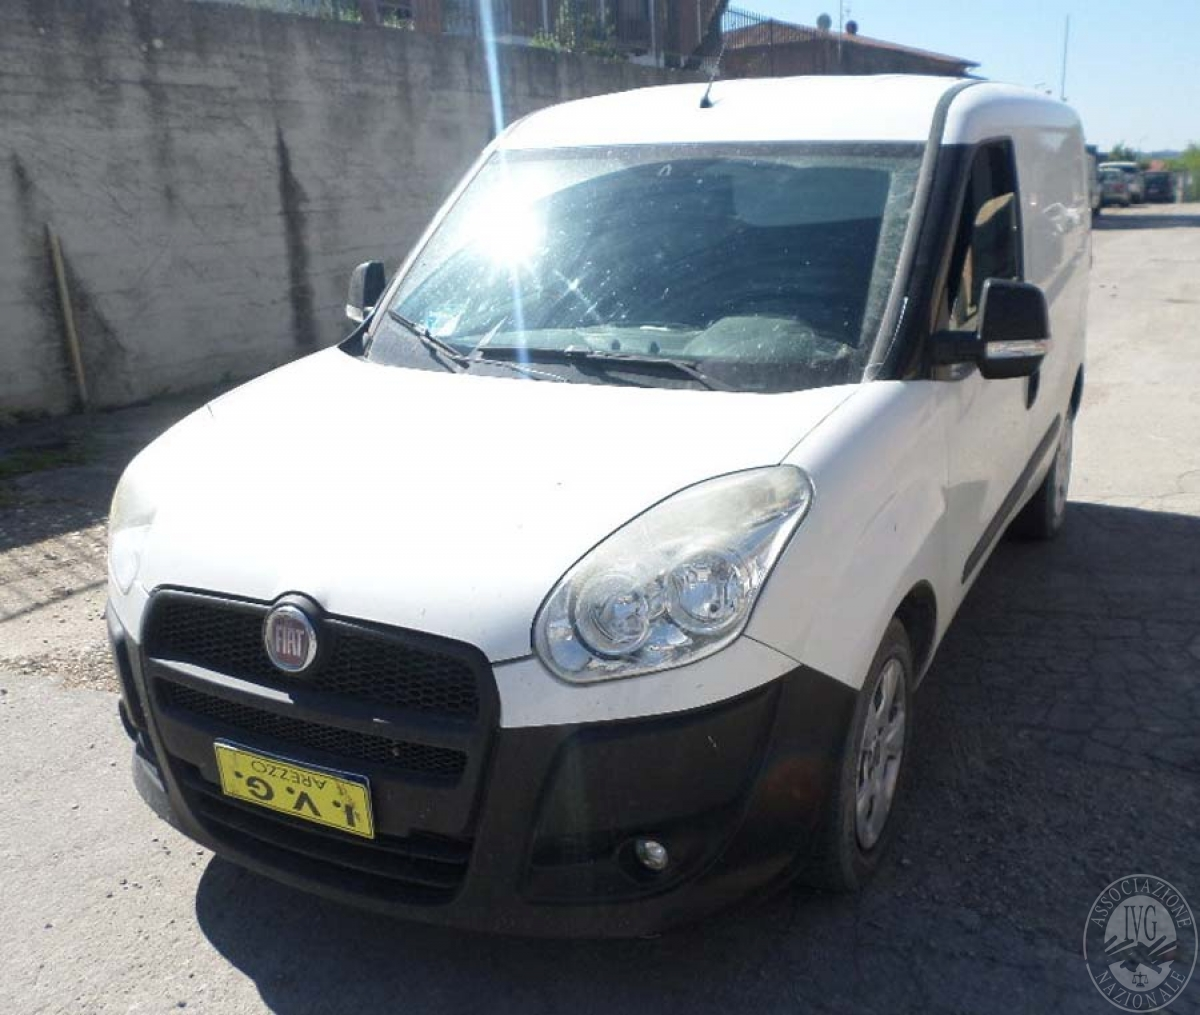 Fiat Doblò anno 2012   GARA DI VENDITA 5 OTTOBRE 2019  VISIBILE PRESSO DEPOSITERIA IVG SIENA